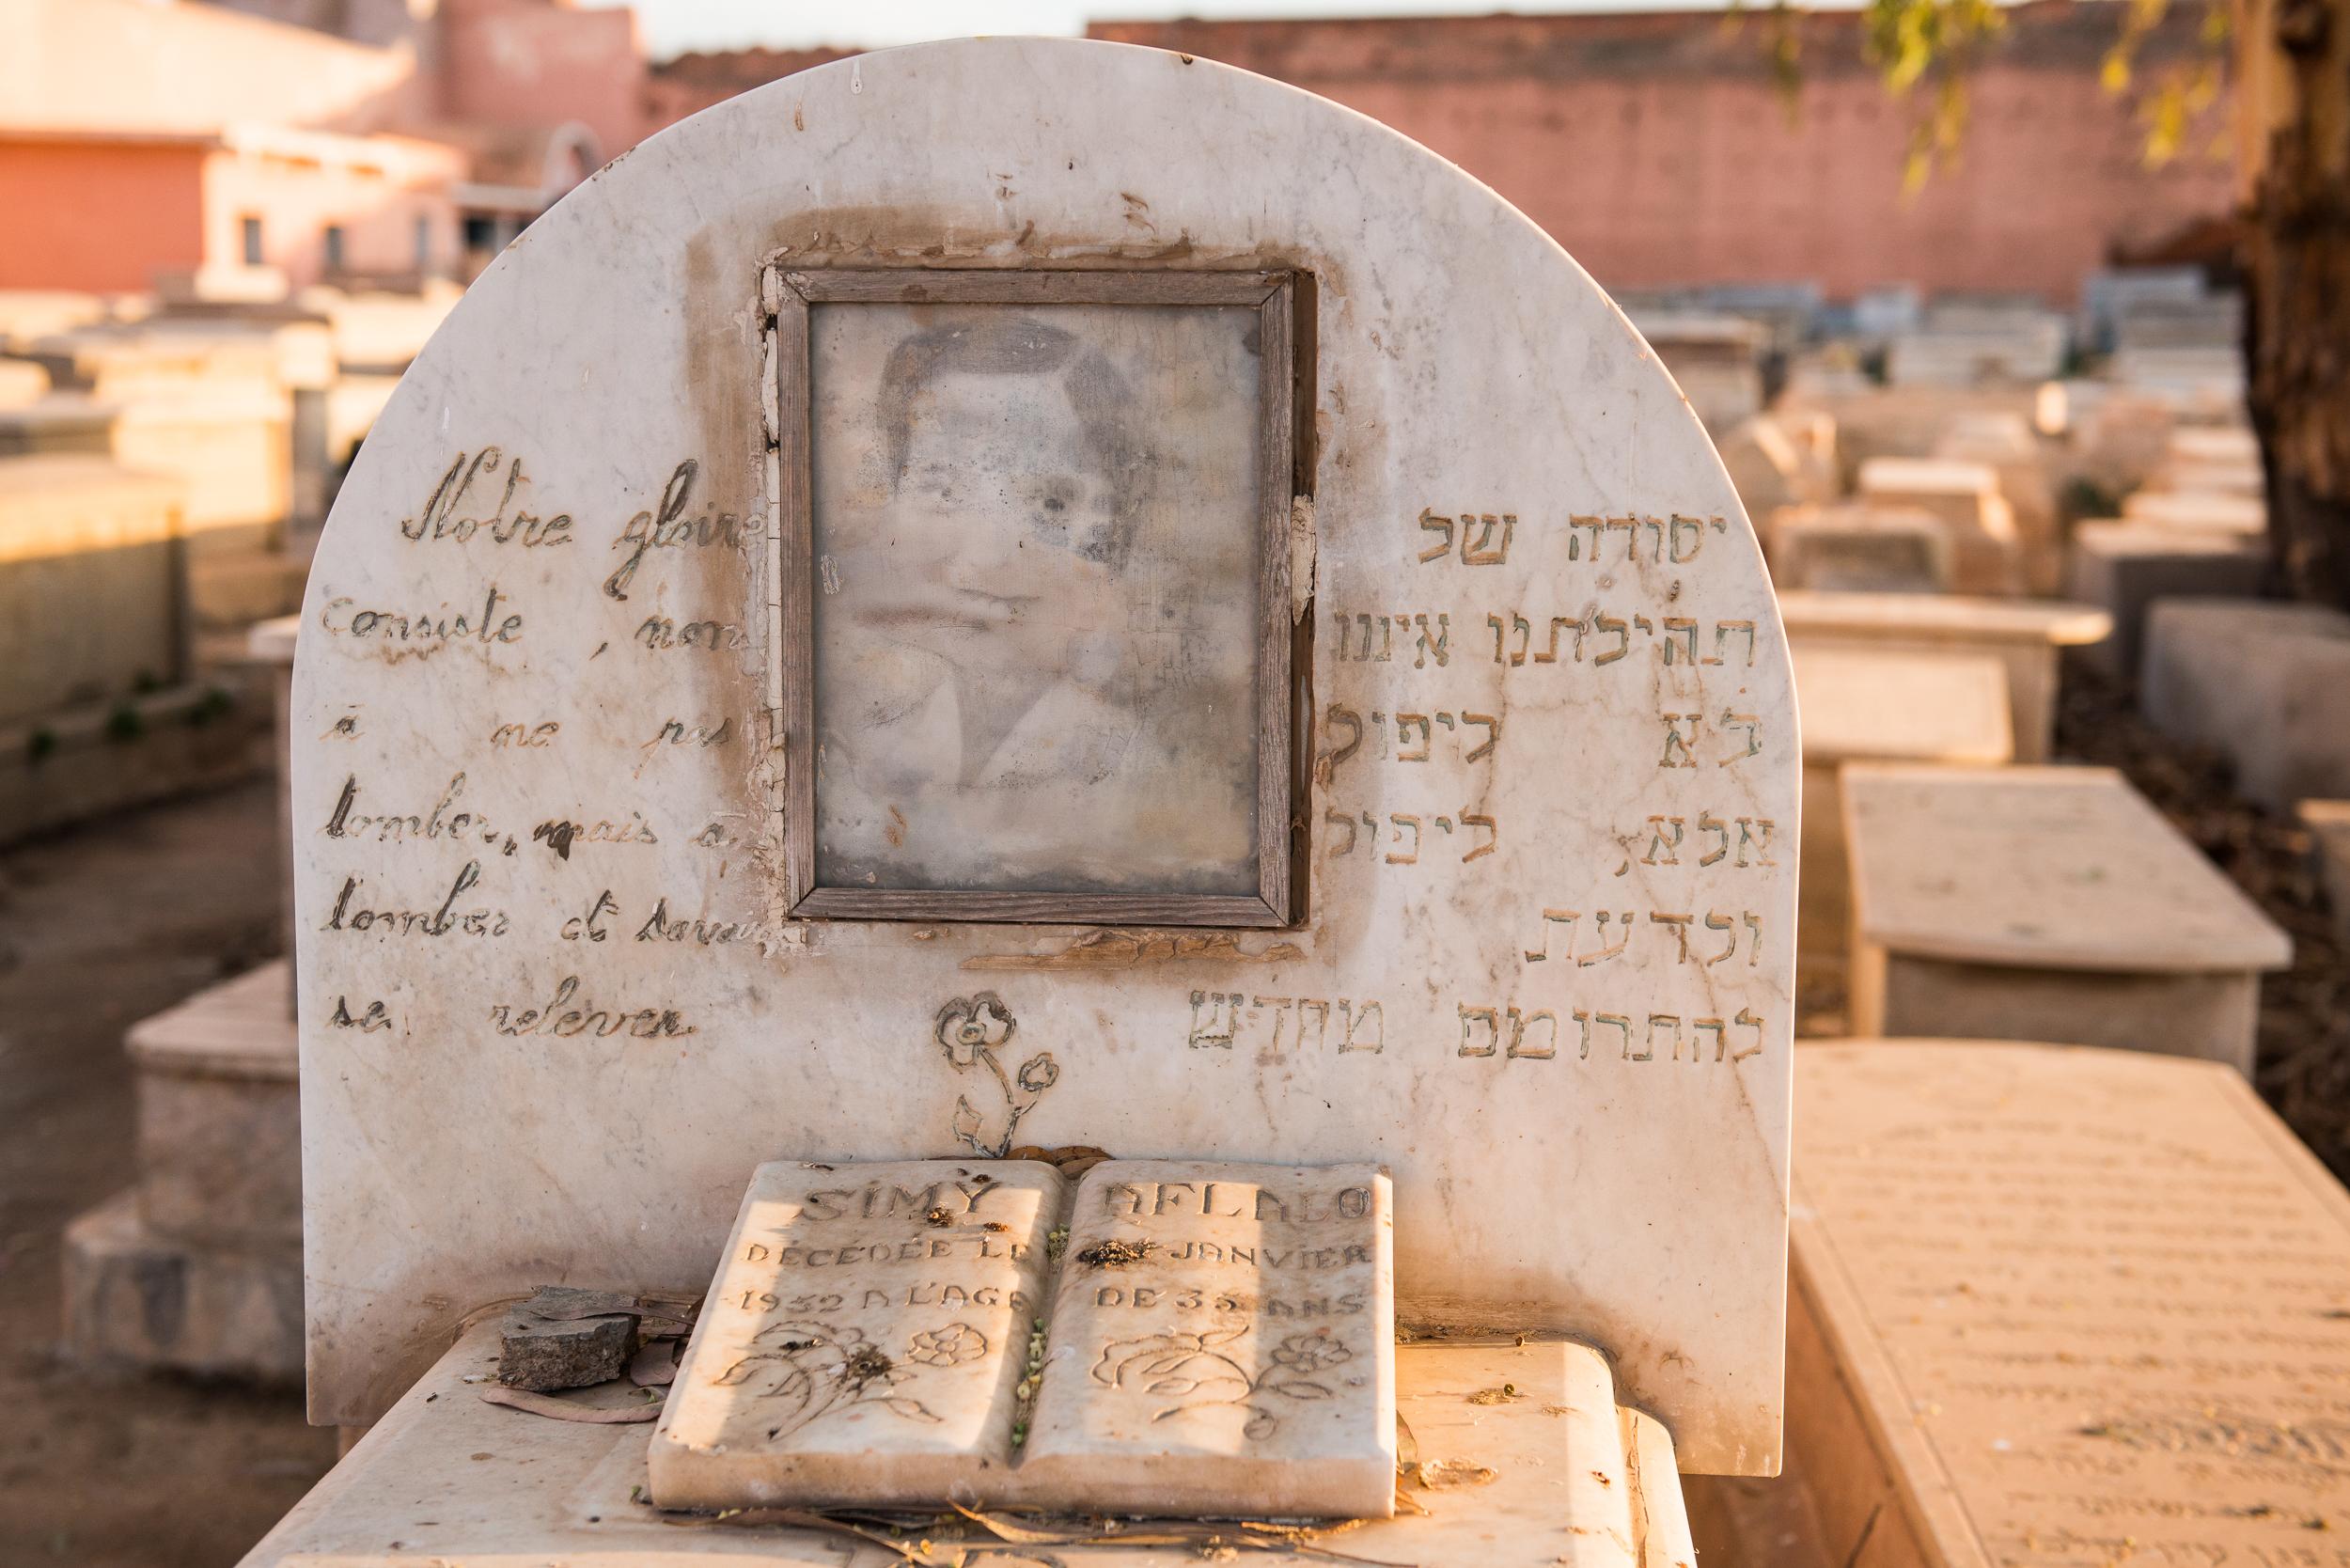 024_2015_1222_Marrakesh_JewishCemetary_0102.jpg